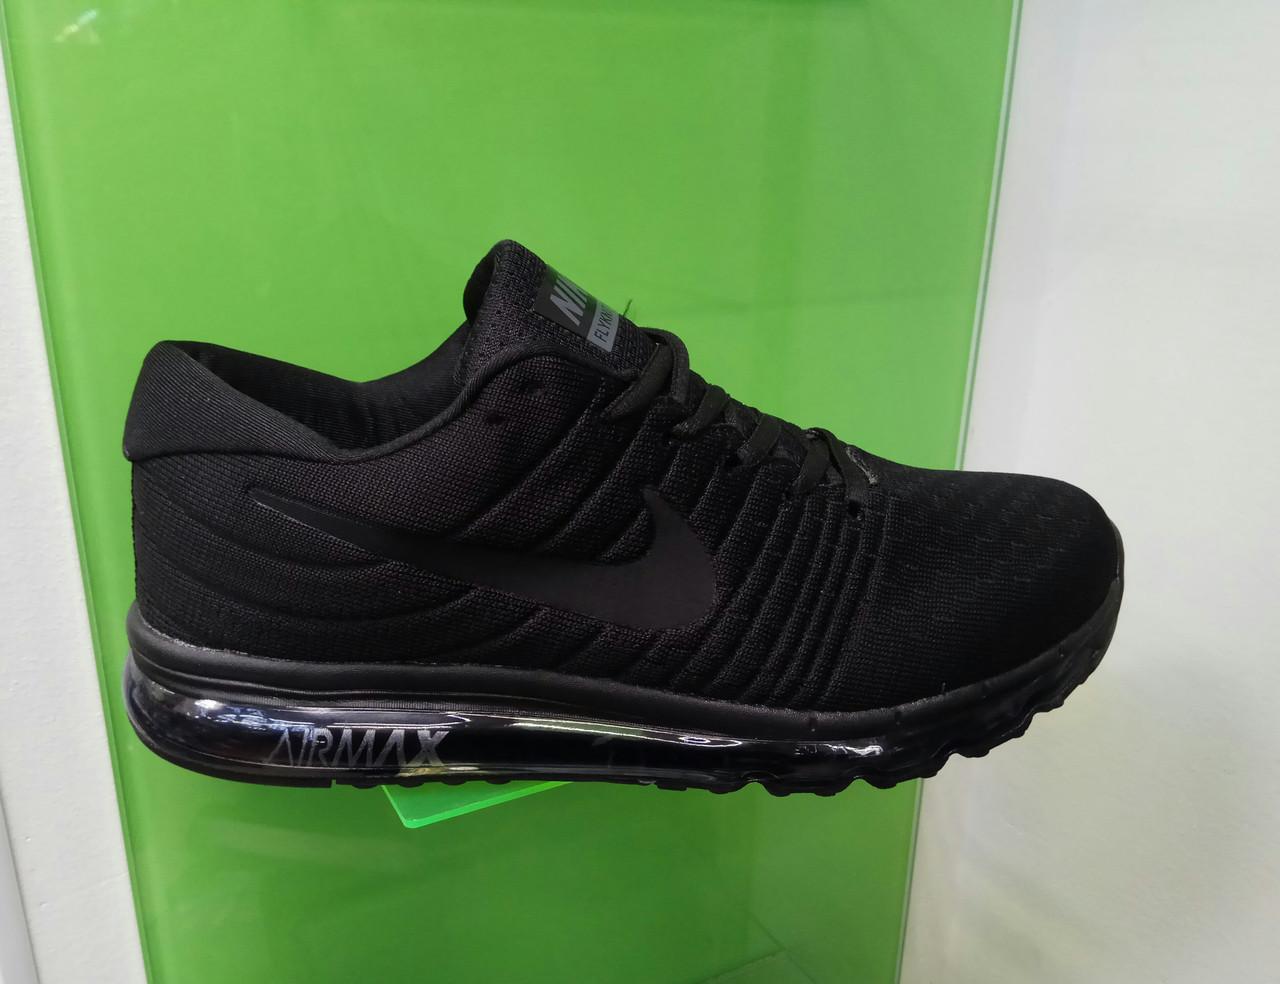 Мужские кроссовки в стиле  Air Max 2017 черный, размеры с 41 по 45